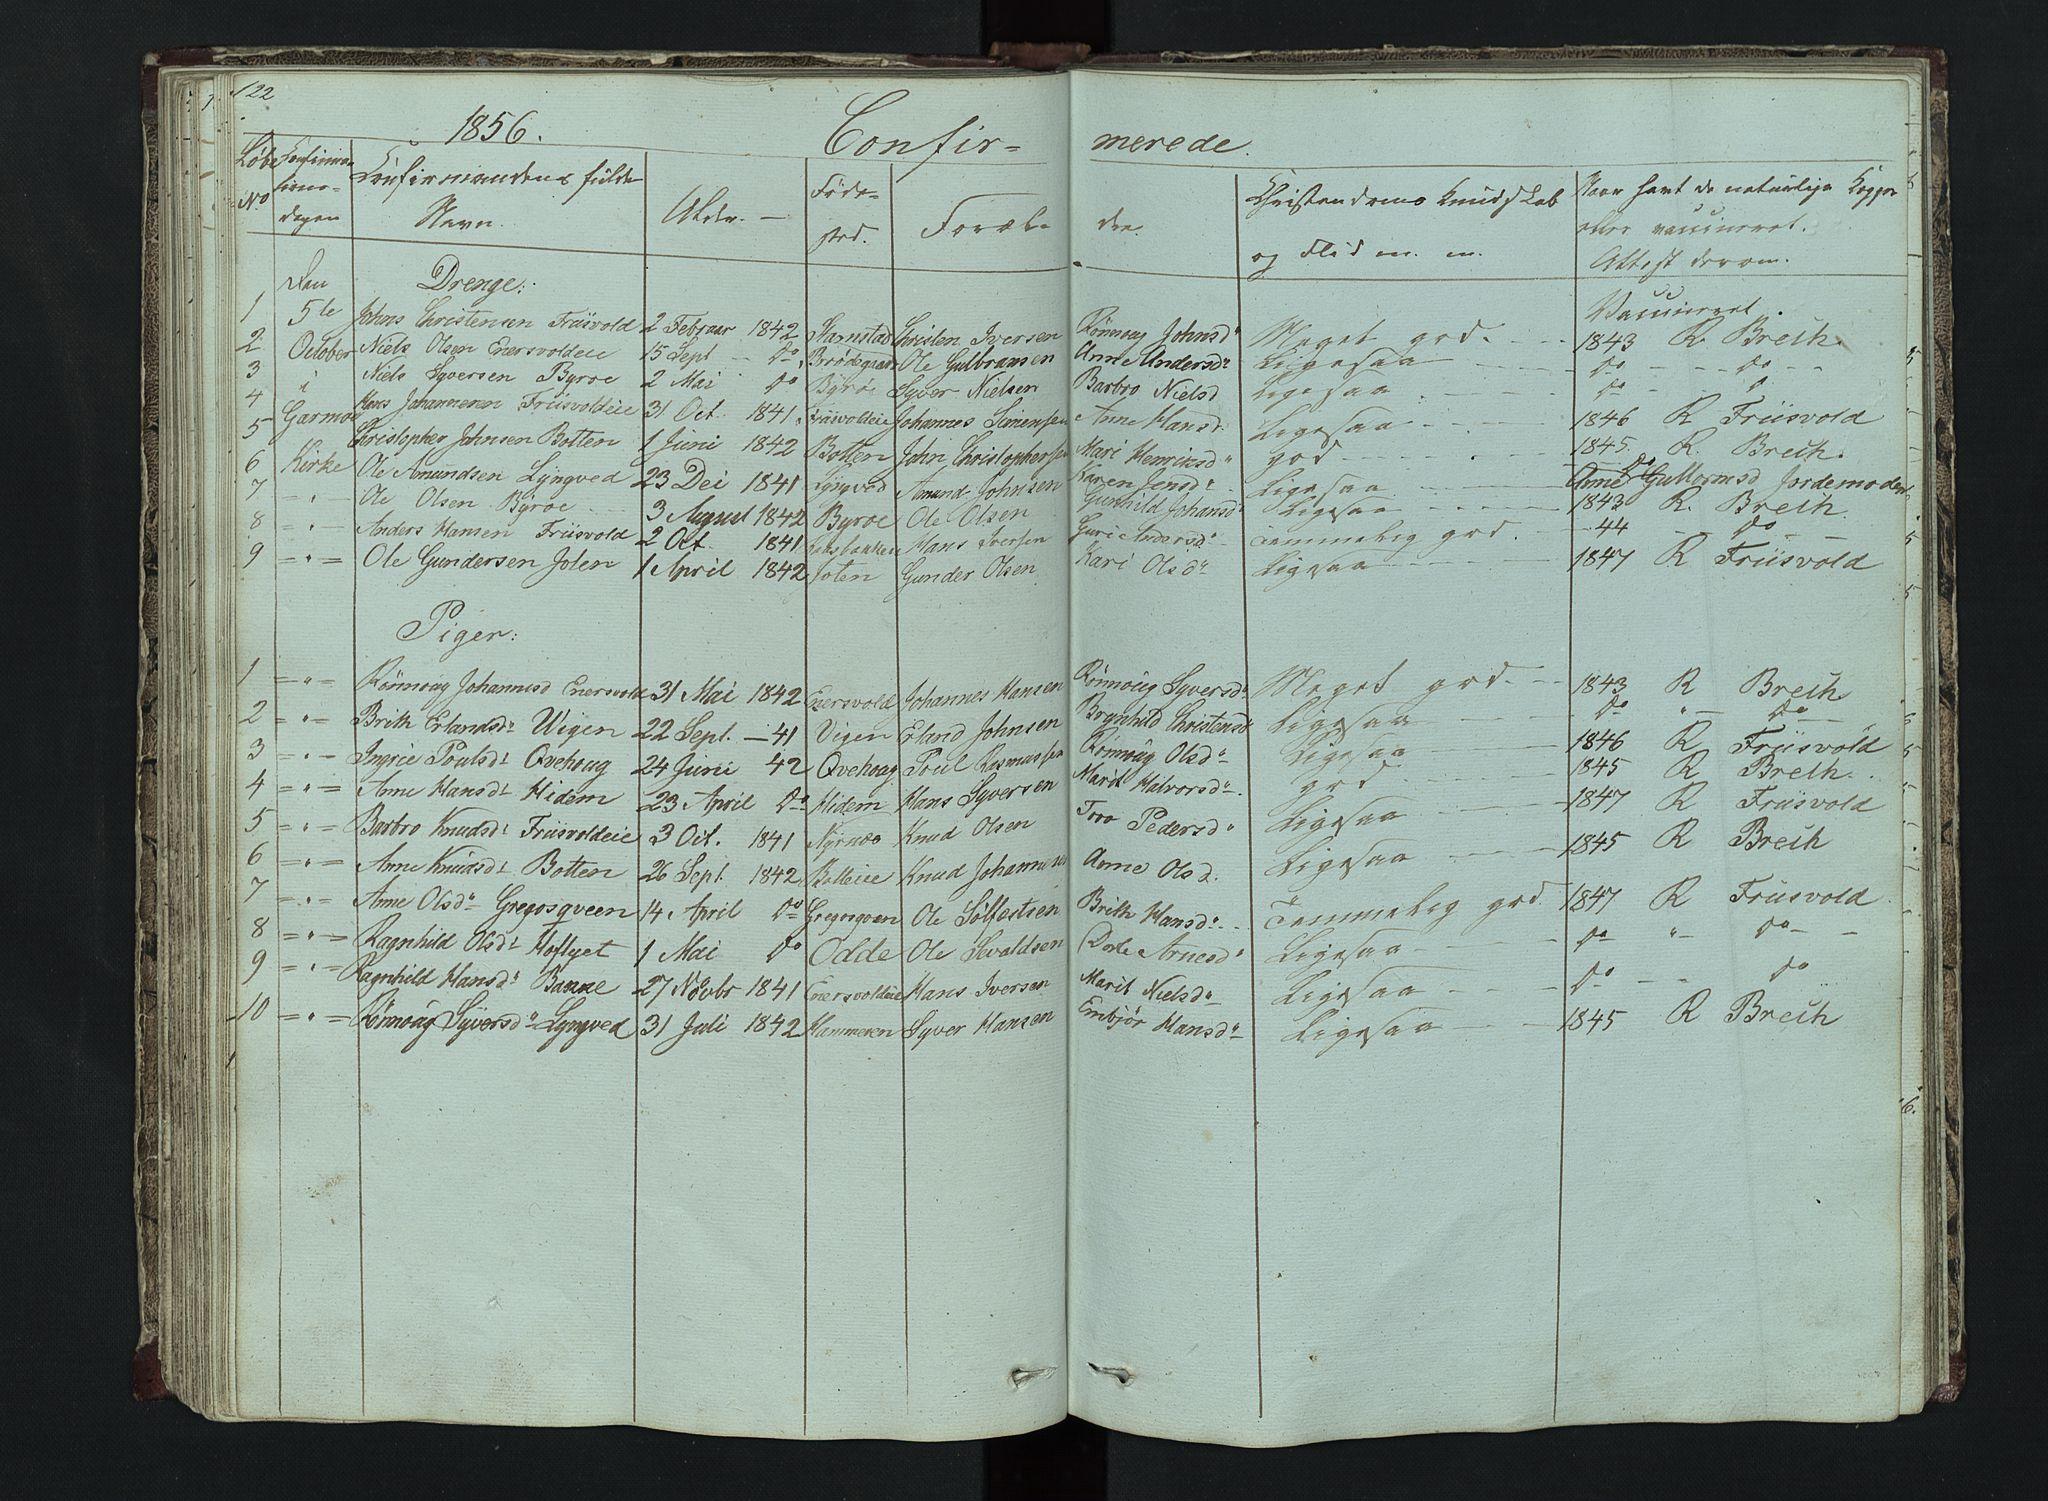 SAH, Lom prestekontor, L/L0014: Klokkerbok nr. 14, 1845-1876, s. 122-123